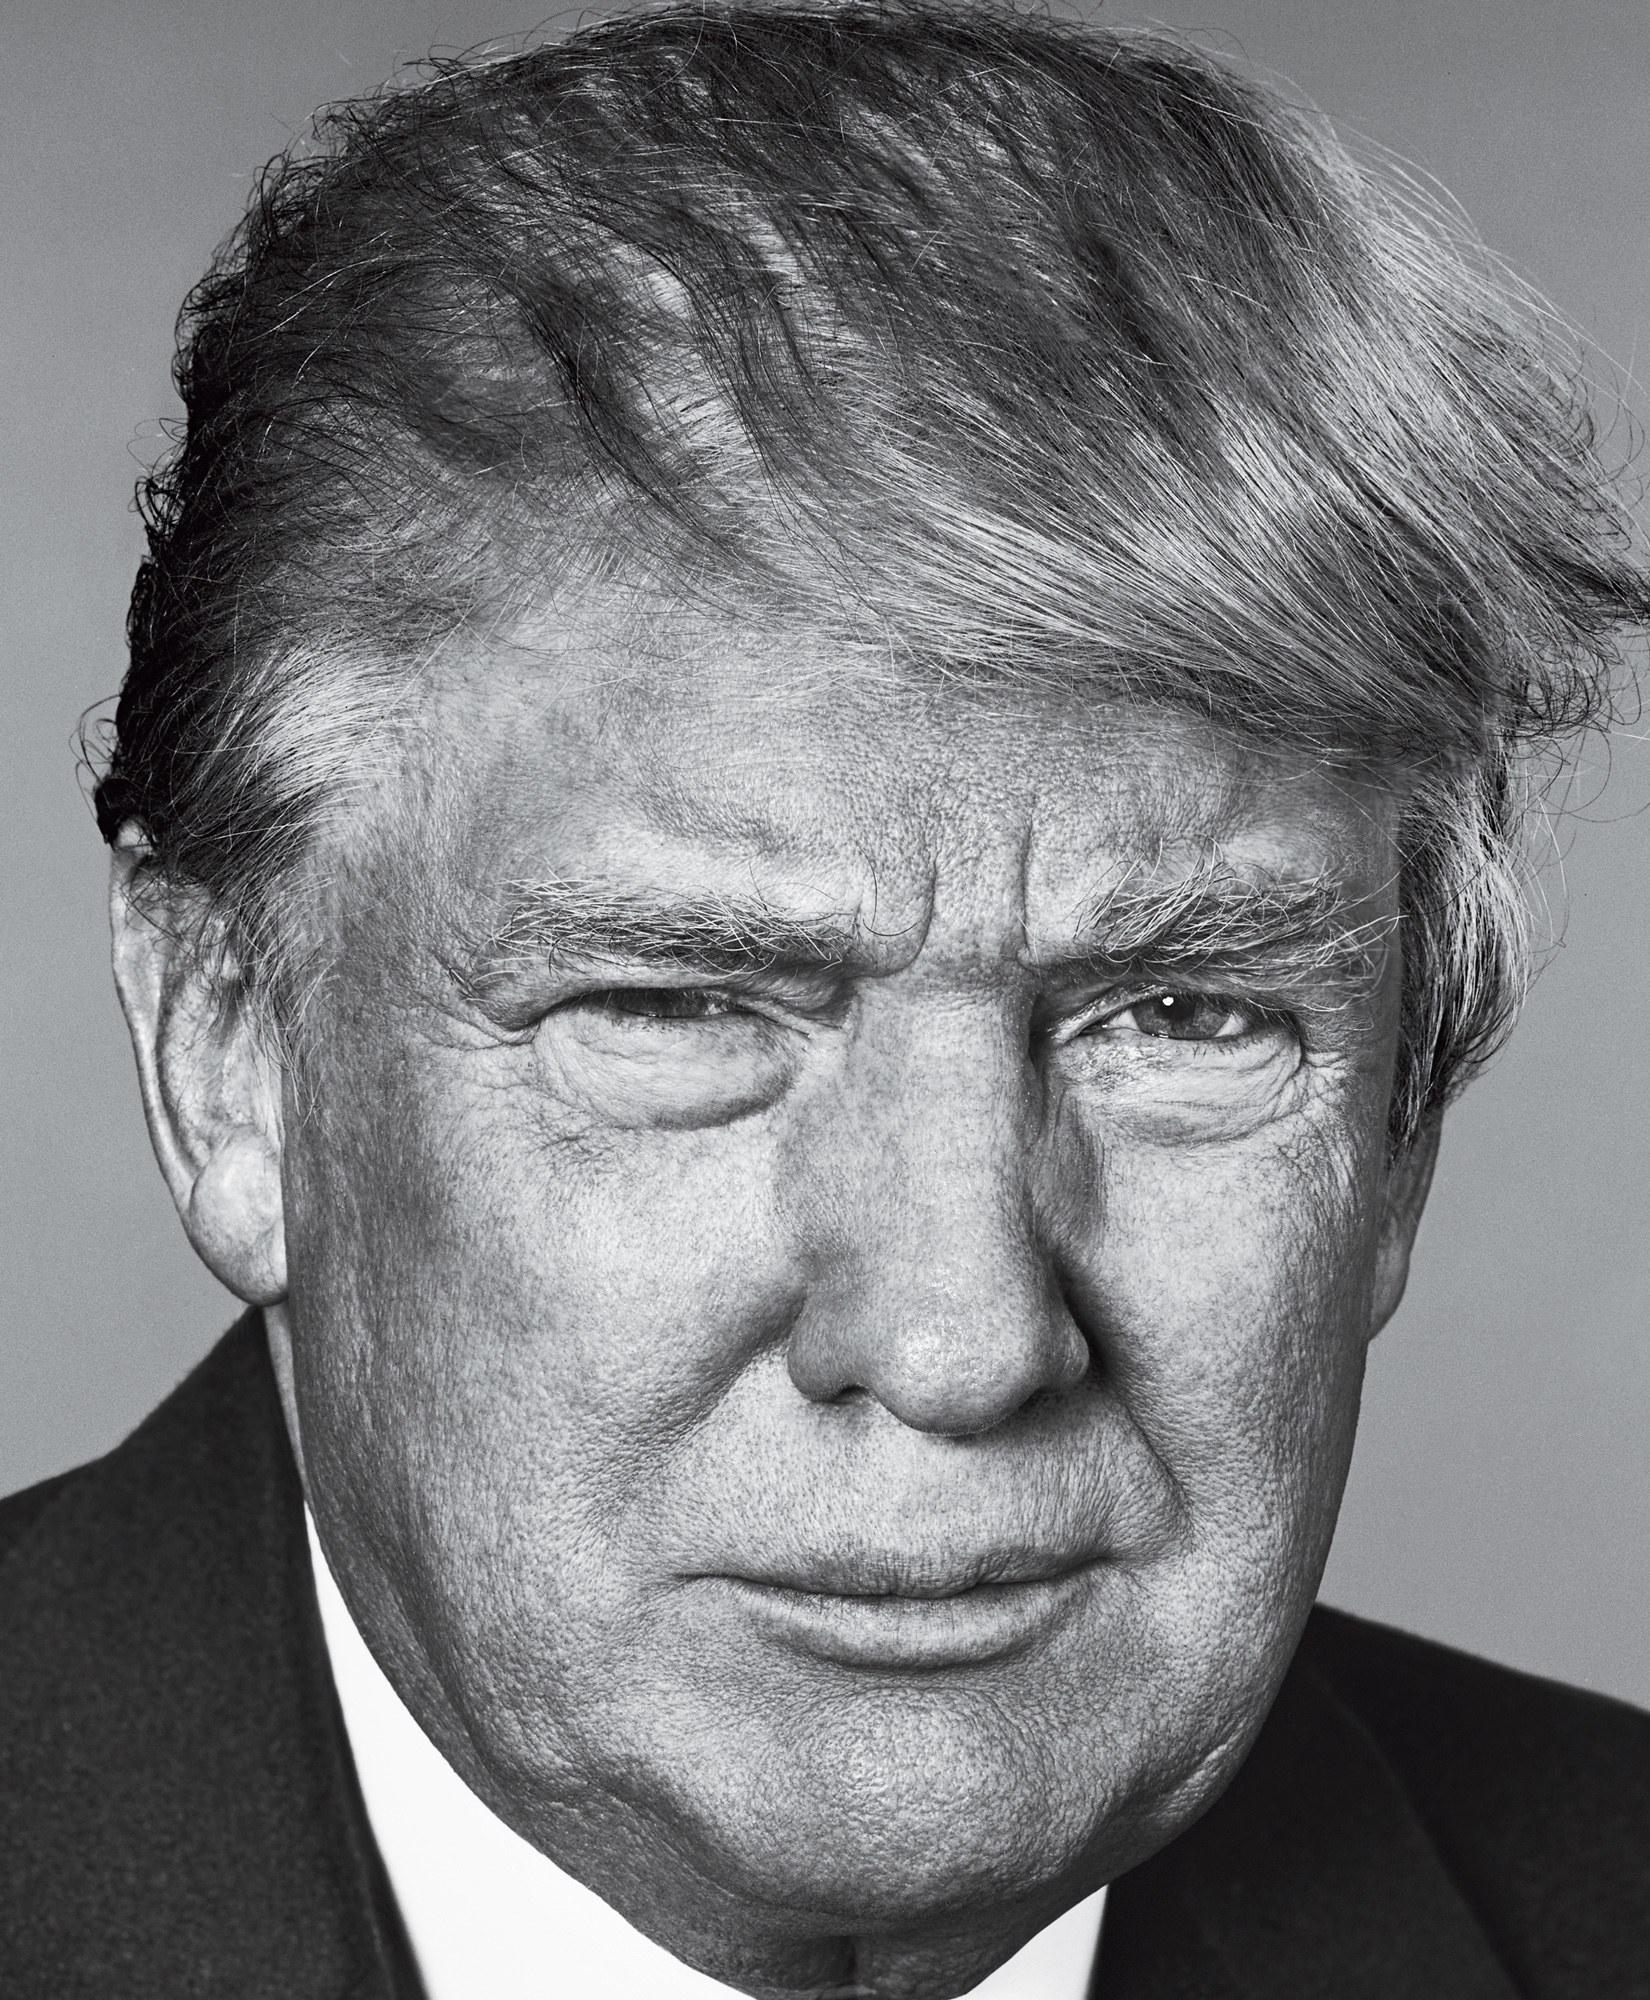 Donald trump gosouthonline